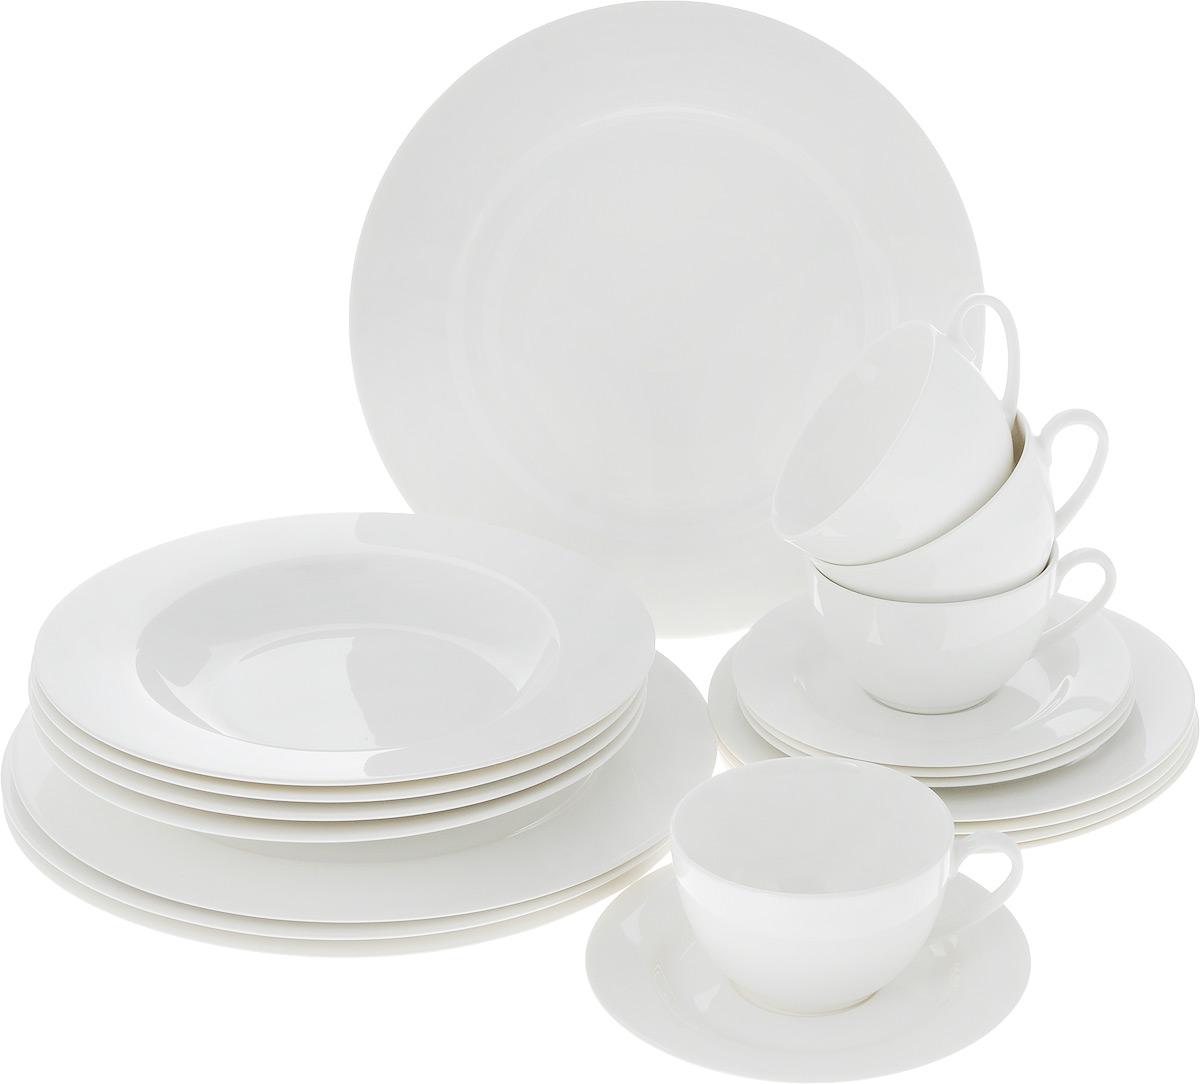 Набор столовой посуды Классика, 20 предметов. WO-010WO-010Набор столовой посуды Классика состоит из 4 обеденных тарелок, 4 суповых тарелок, 4 десертных тарелок, 4 блюдец и 4 чашек. Изделия выполнены из фарфора белоснежного цвета. Посуда отличается прочностью, гигиеничностью и долгим сроком службы, она устойчива к появлению царапин. Такой набор прекрасно подойдет как для повседневного использования, так и для праздников или особенных случаев. Такой набор столовой посуды - это не только яркий и полезный подарок для родных и близких, а также великолепное дизайнерское решение для вашей кухни или столовой. Можно использовать в микроволновой печи и мыть в посудомоечной машине. Диаметр суповой тарелки: 23 см. Высота суповой тарелки: 3 см.Диаметр обеденной тарелки: 27 см. Диаметр десертной тарелки: 19 см. Диаметр блюдца: 15,5 см. Объем чашки: 250 мл.Диаметр чашки (по верхнему краю): 9,5 см.Высота чашки: 6 см.